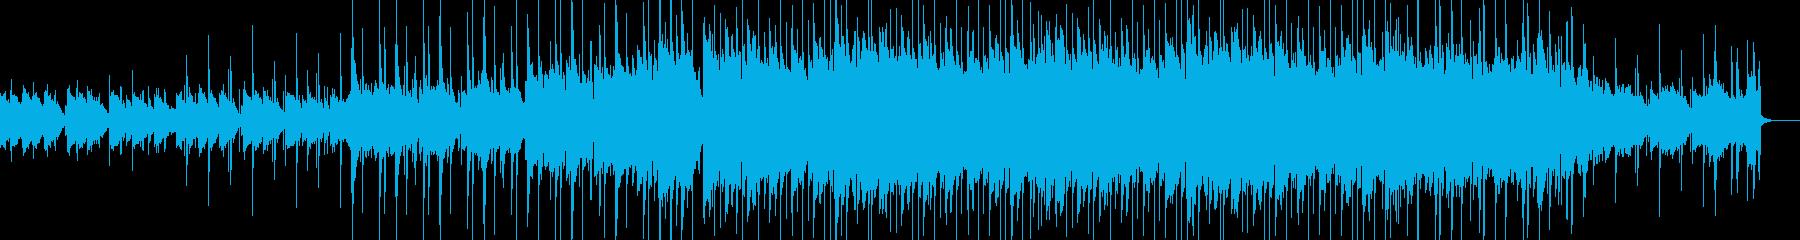 感動的なLo-Fi HipHopの再生済みの波形